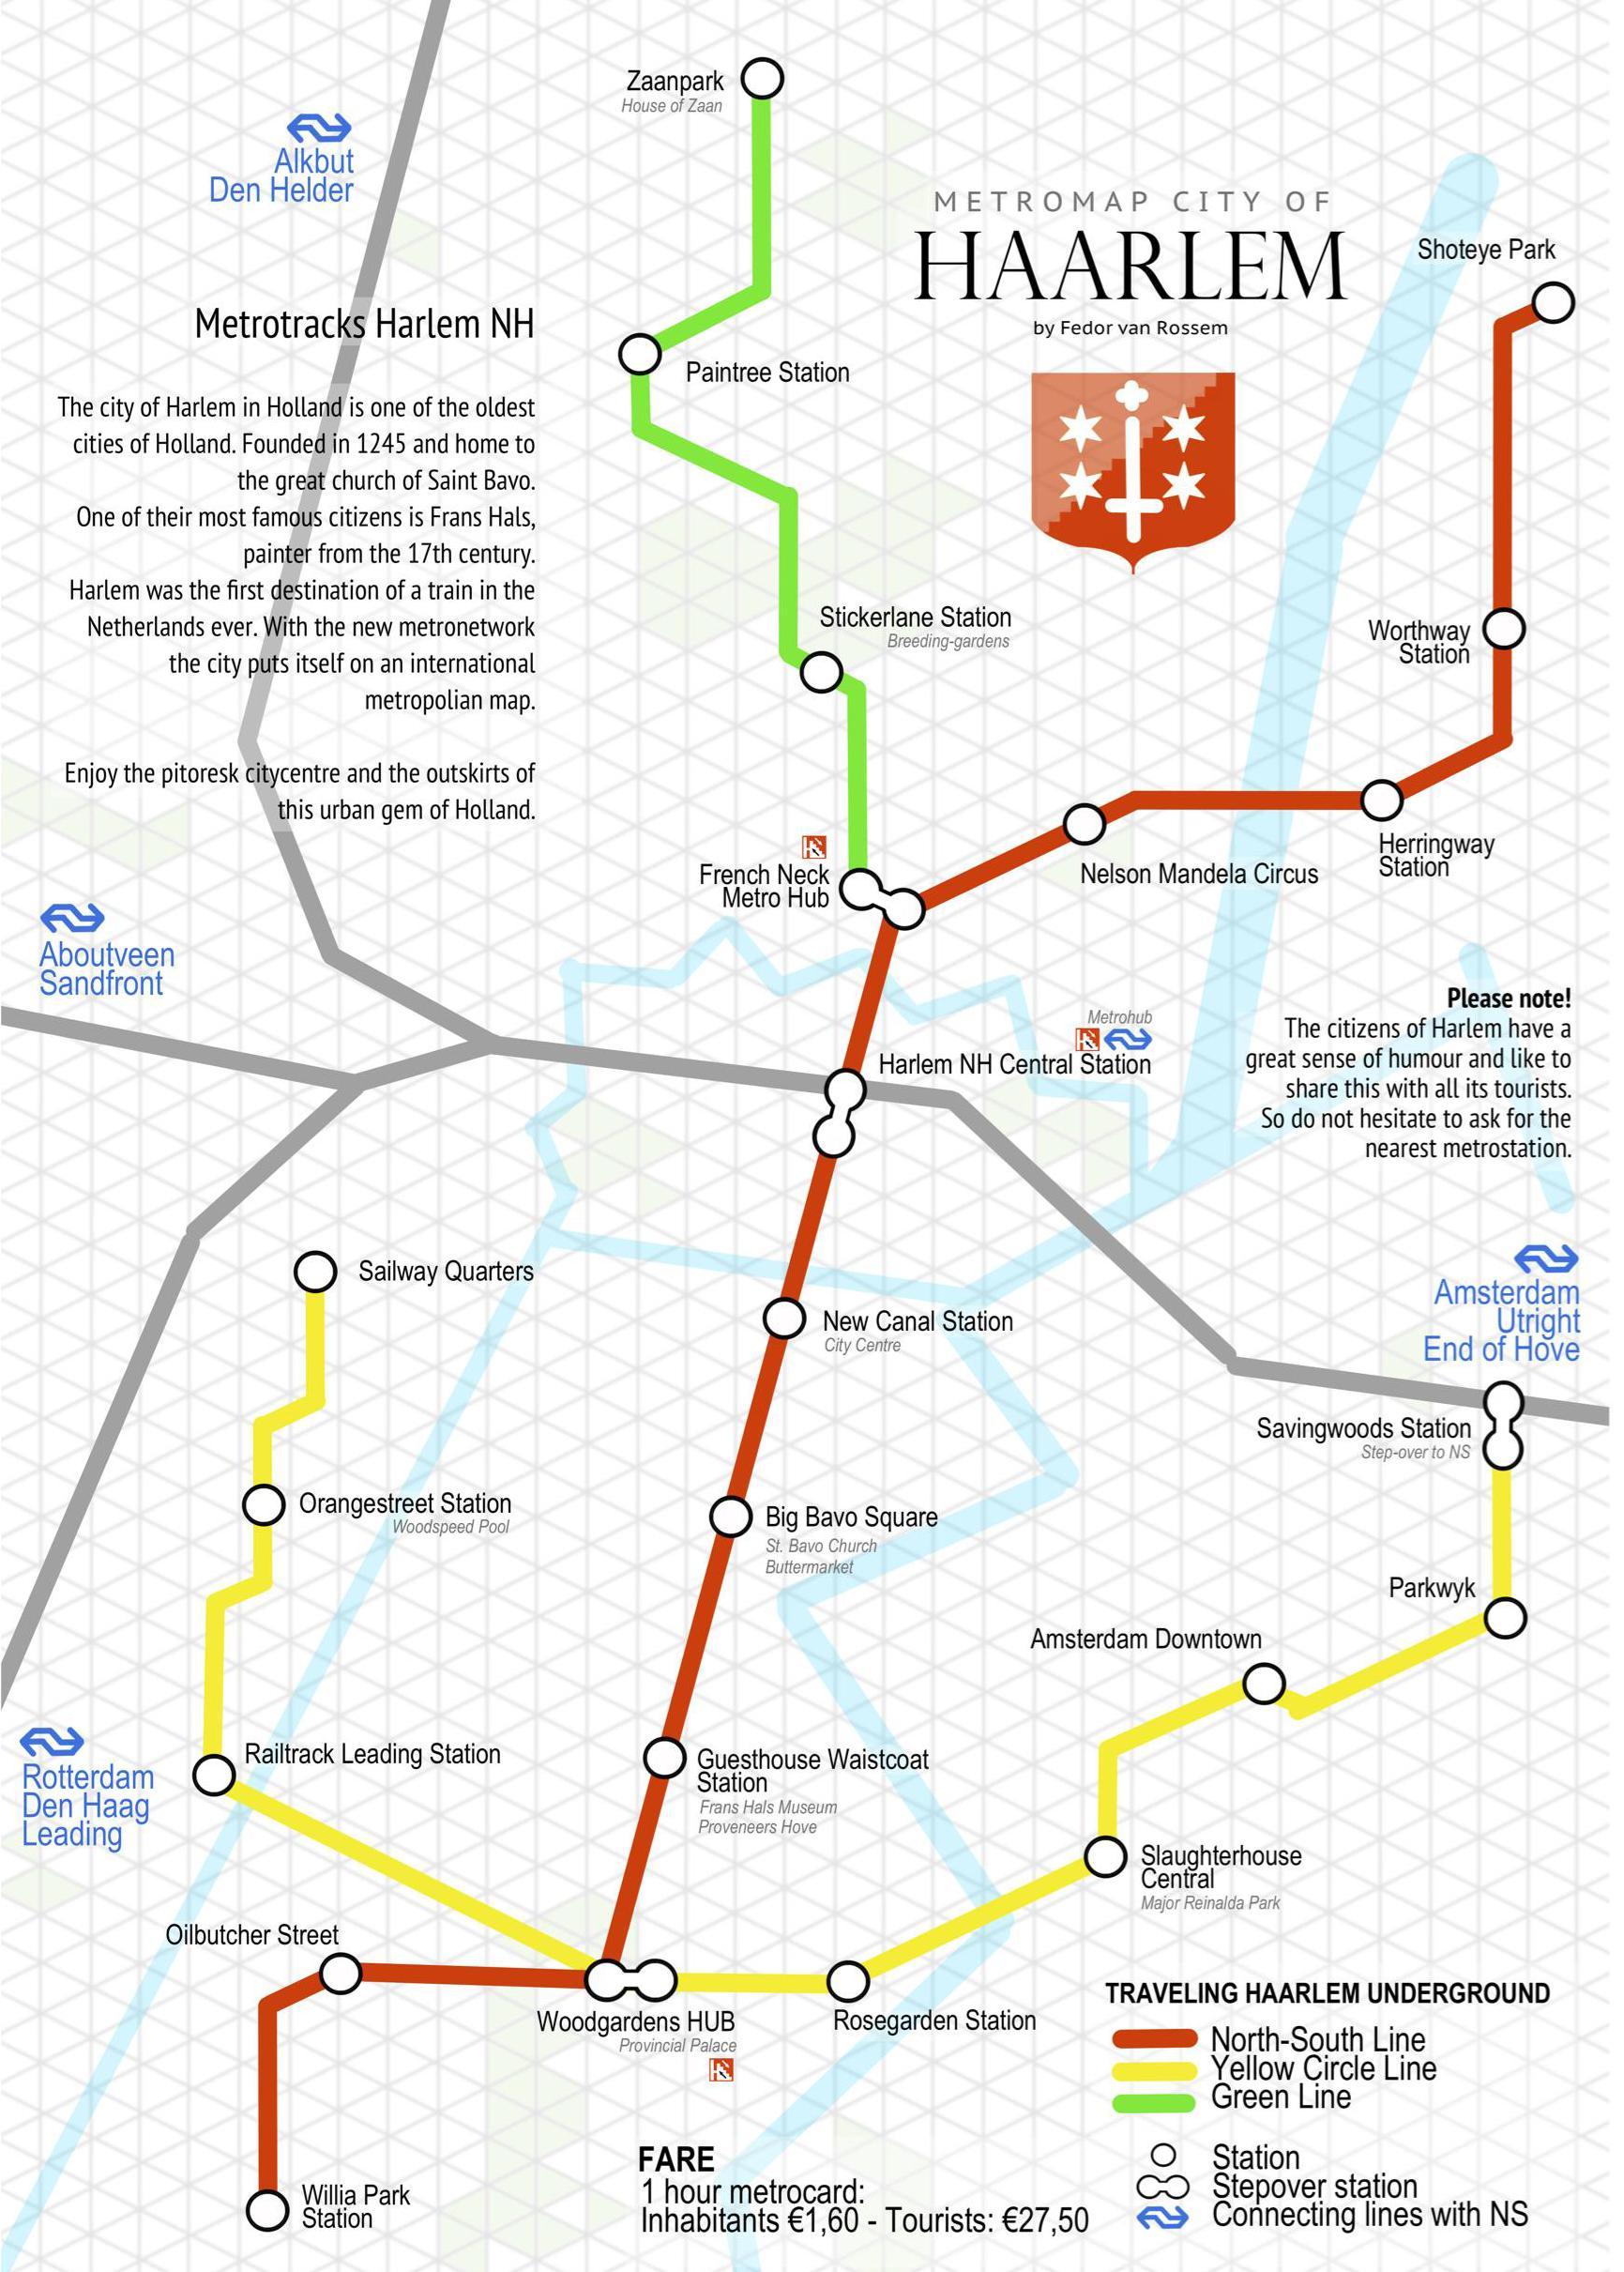 Van French Neck Metro Hub naar Oilbutcher Street: een fictieve metrokaart van Haarlem. Fedor van Rossem geeft de stad 'een raar soort internationale allure'